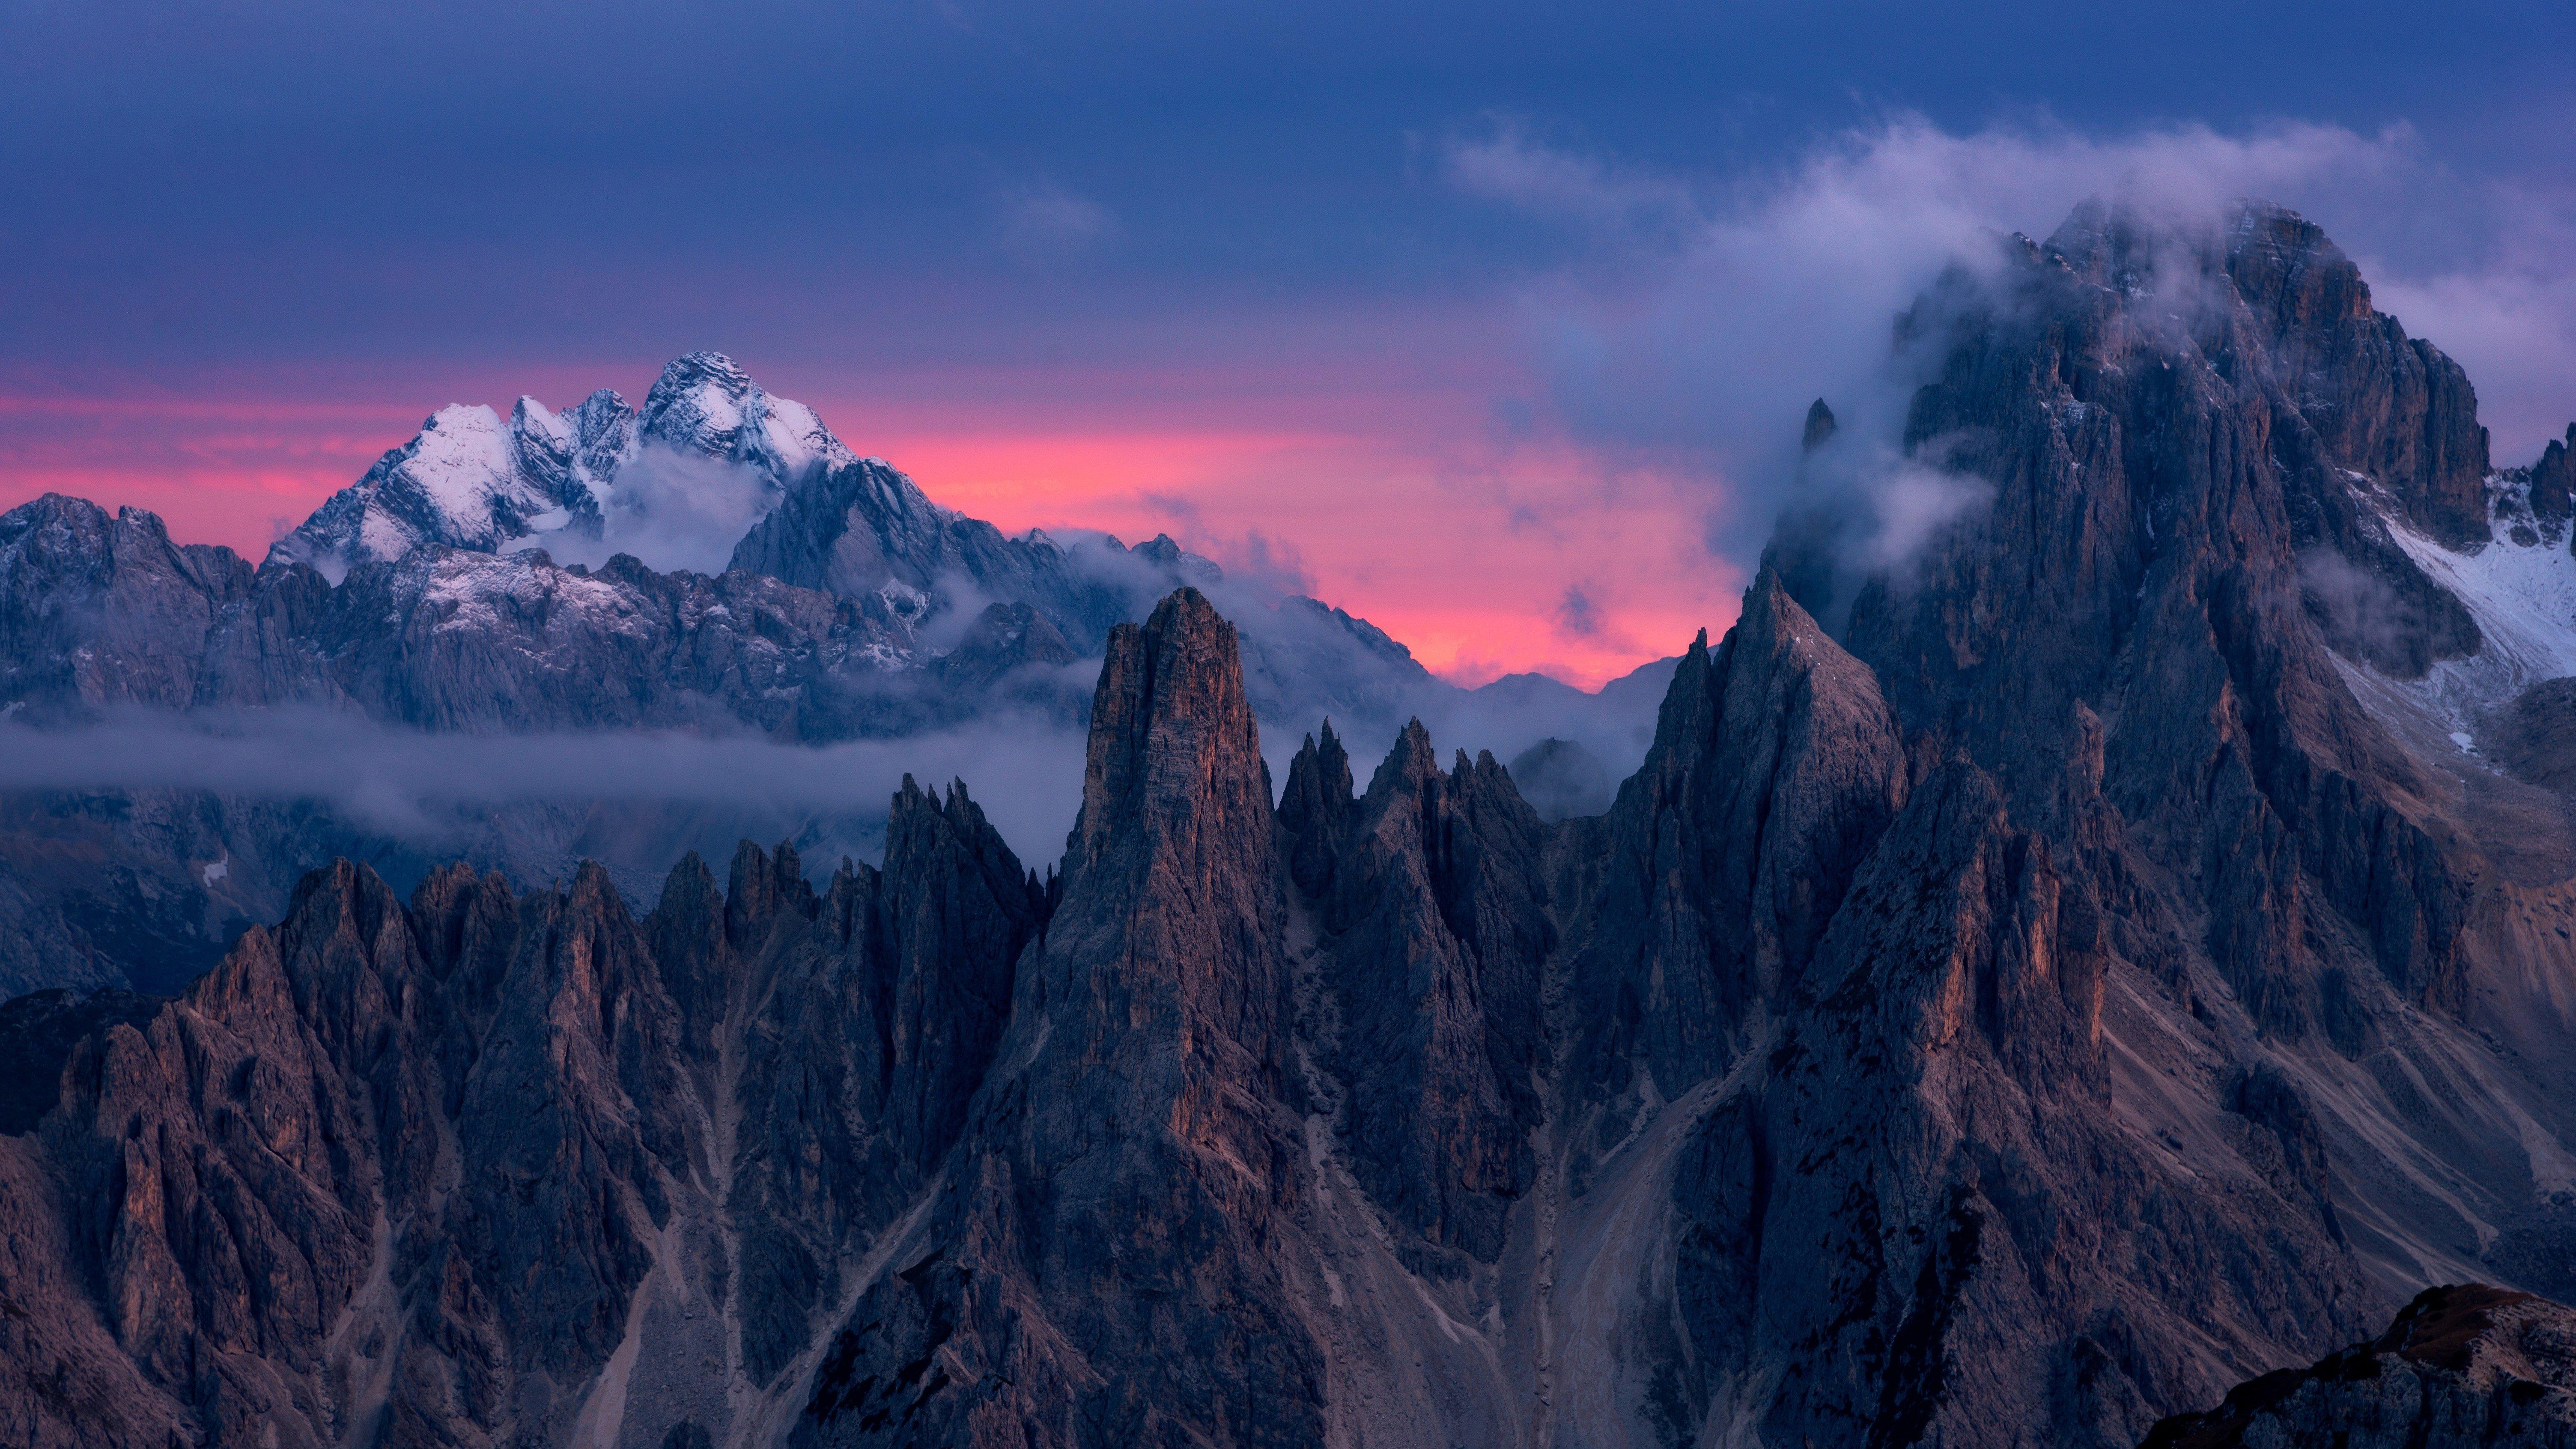 Fondos de pantalla Nubes sobre las montañas